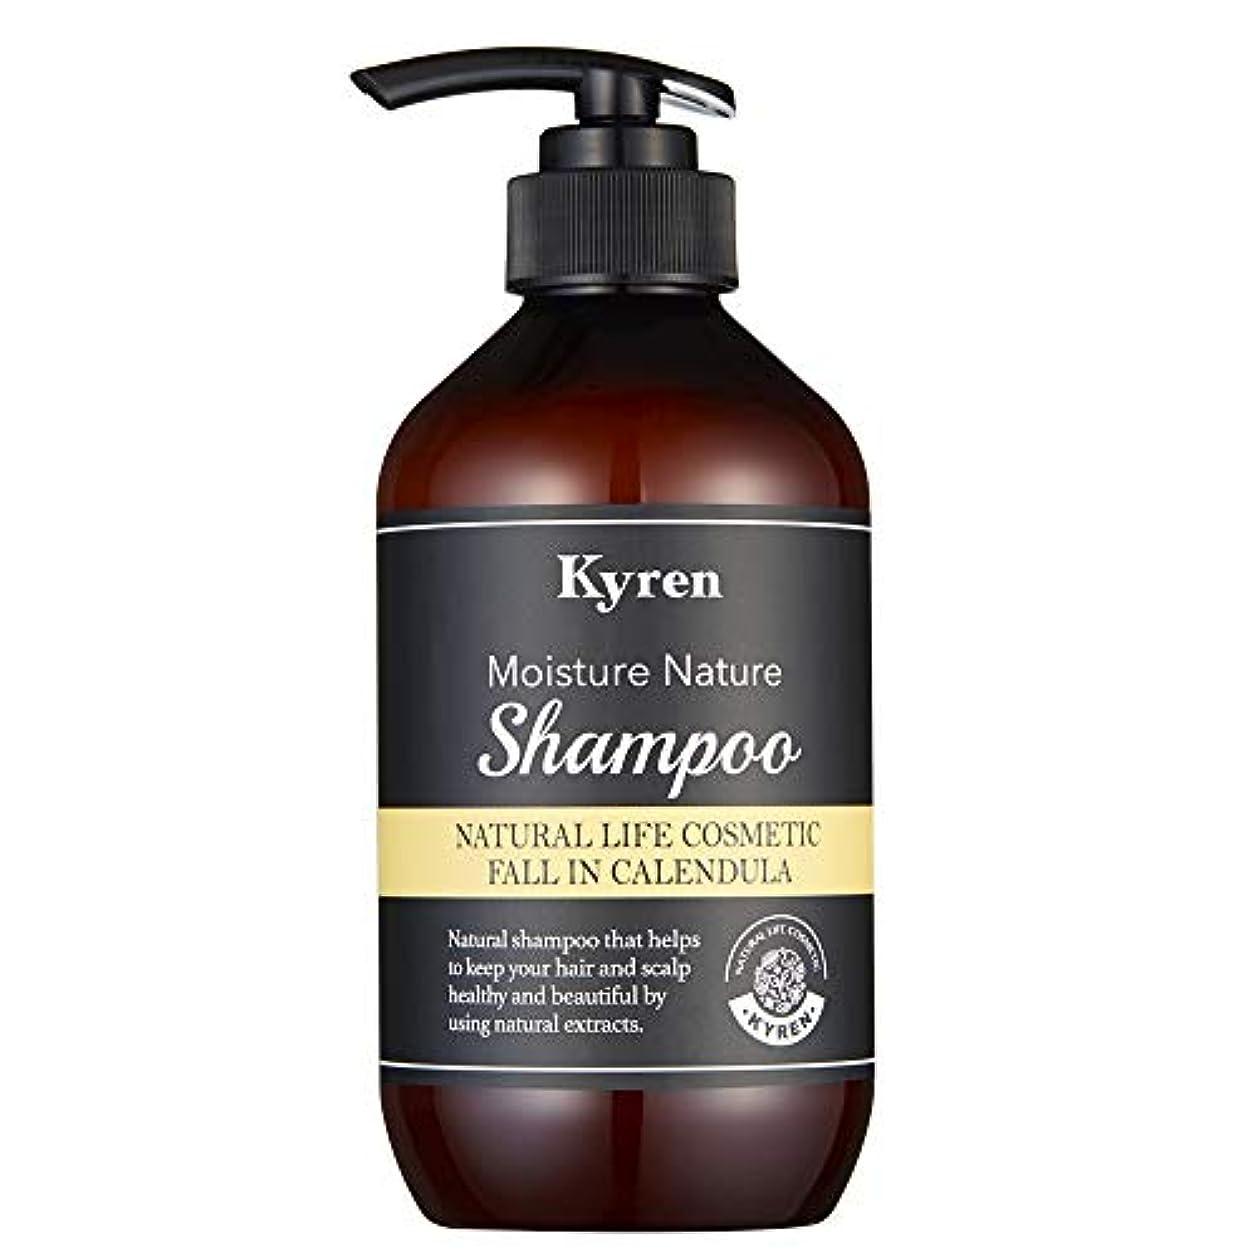 統計実際にクラッシュKYREN [キレン] Moisture Natural Shampoo モイスチャー ナチュラル シャンプー (Fall in Calendula) Silicone Free シリコン無し PH 5.4 バランスのとれたフォーミュラ Balanced Formula Botanical Ingredients Korean Hair Care Shampoo